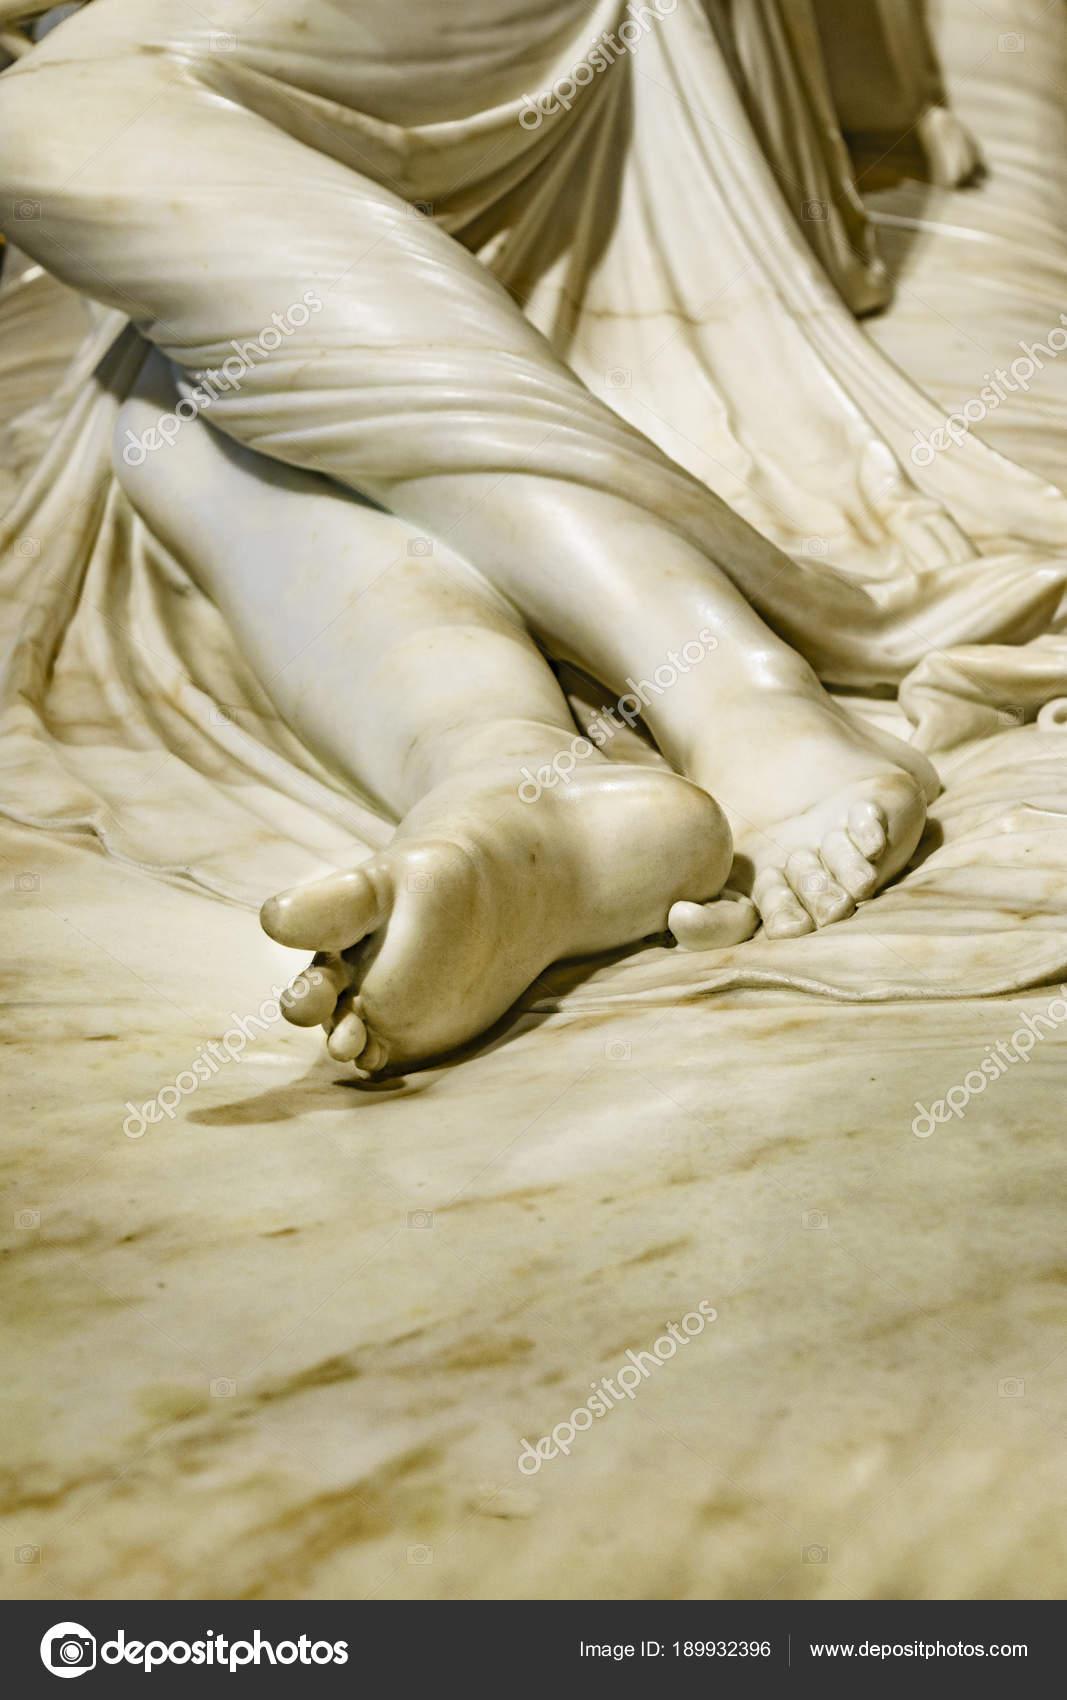 Ножки женщин фотографии галереи картинки секса